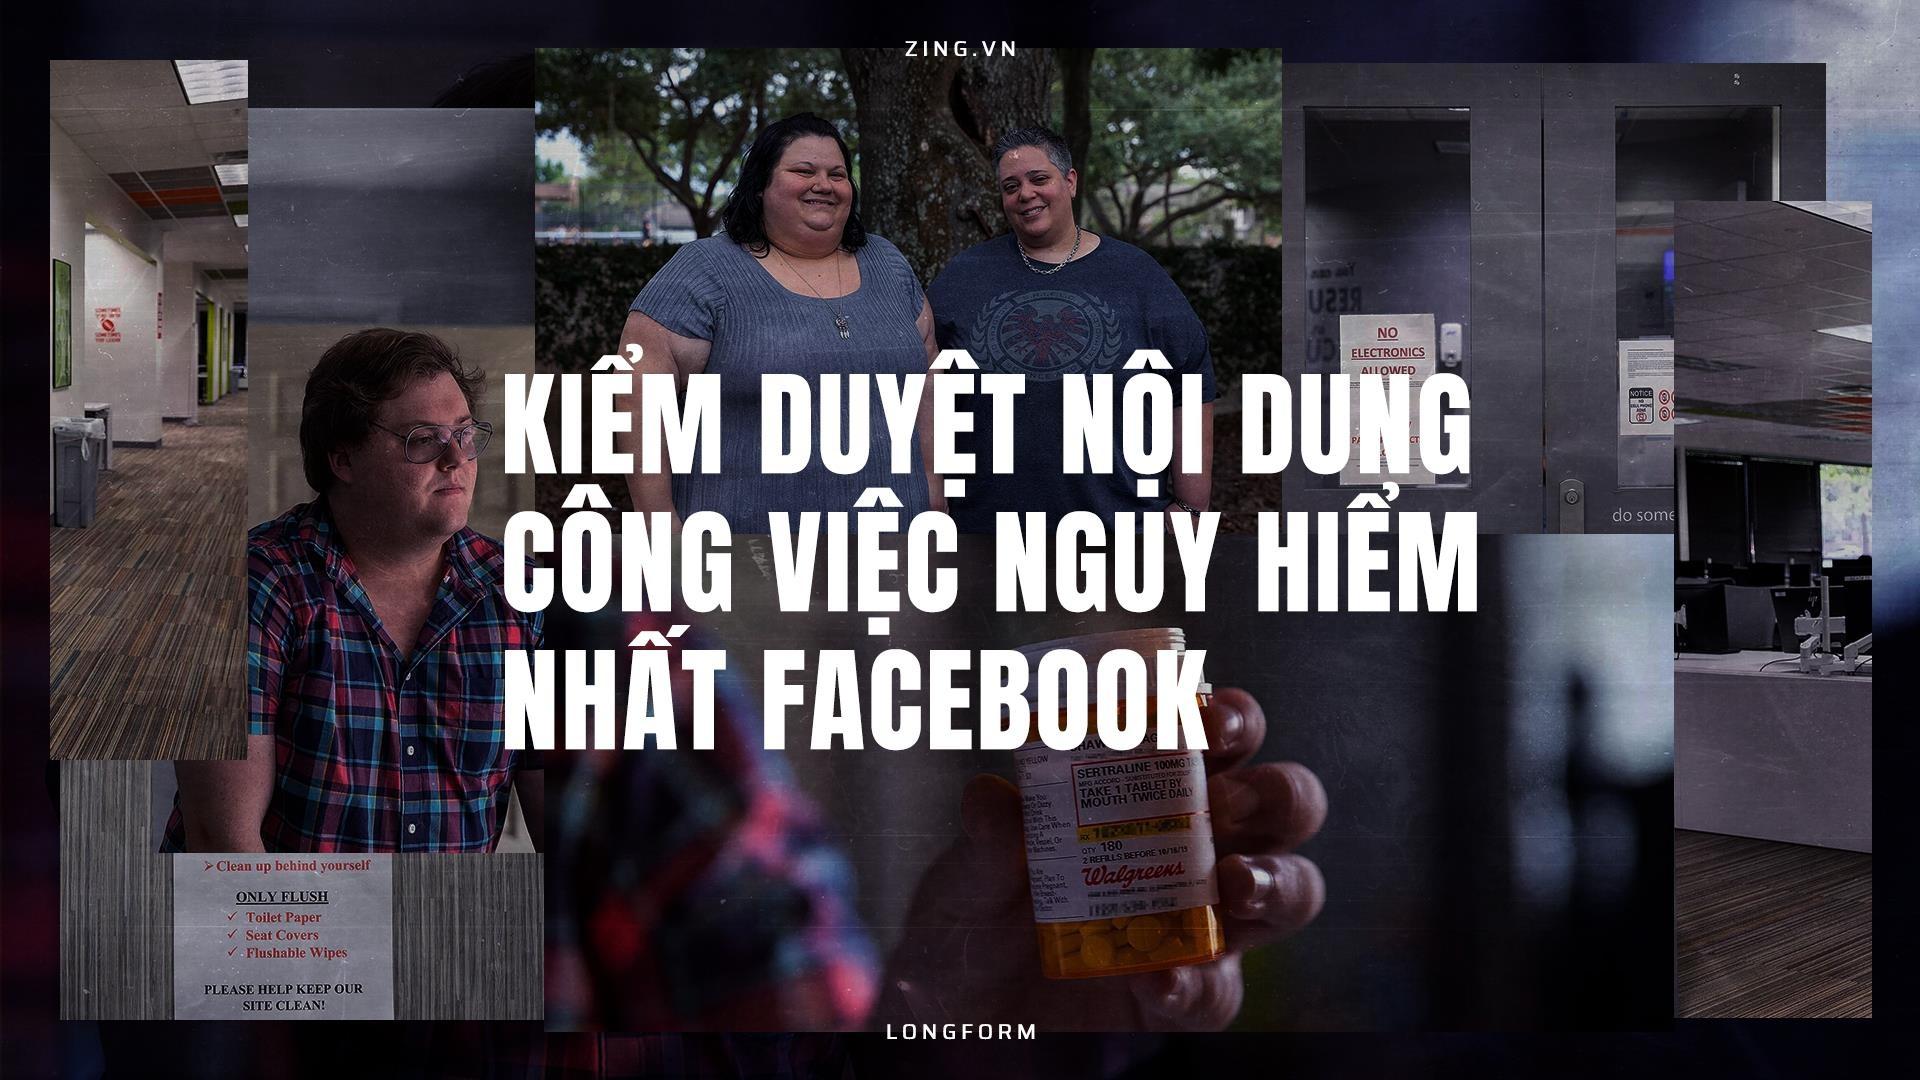 Day la cong viec khung khiep nhat tai Facebook hinh anh 2